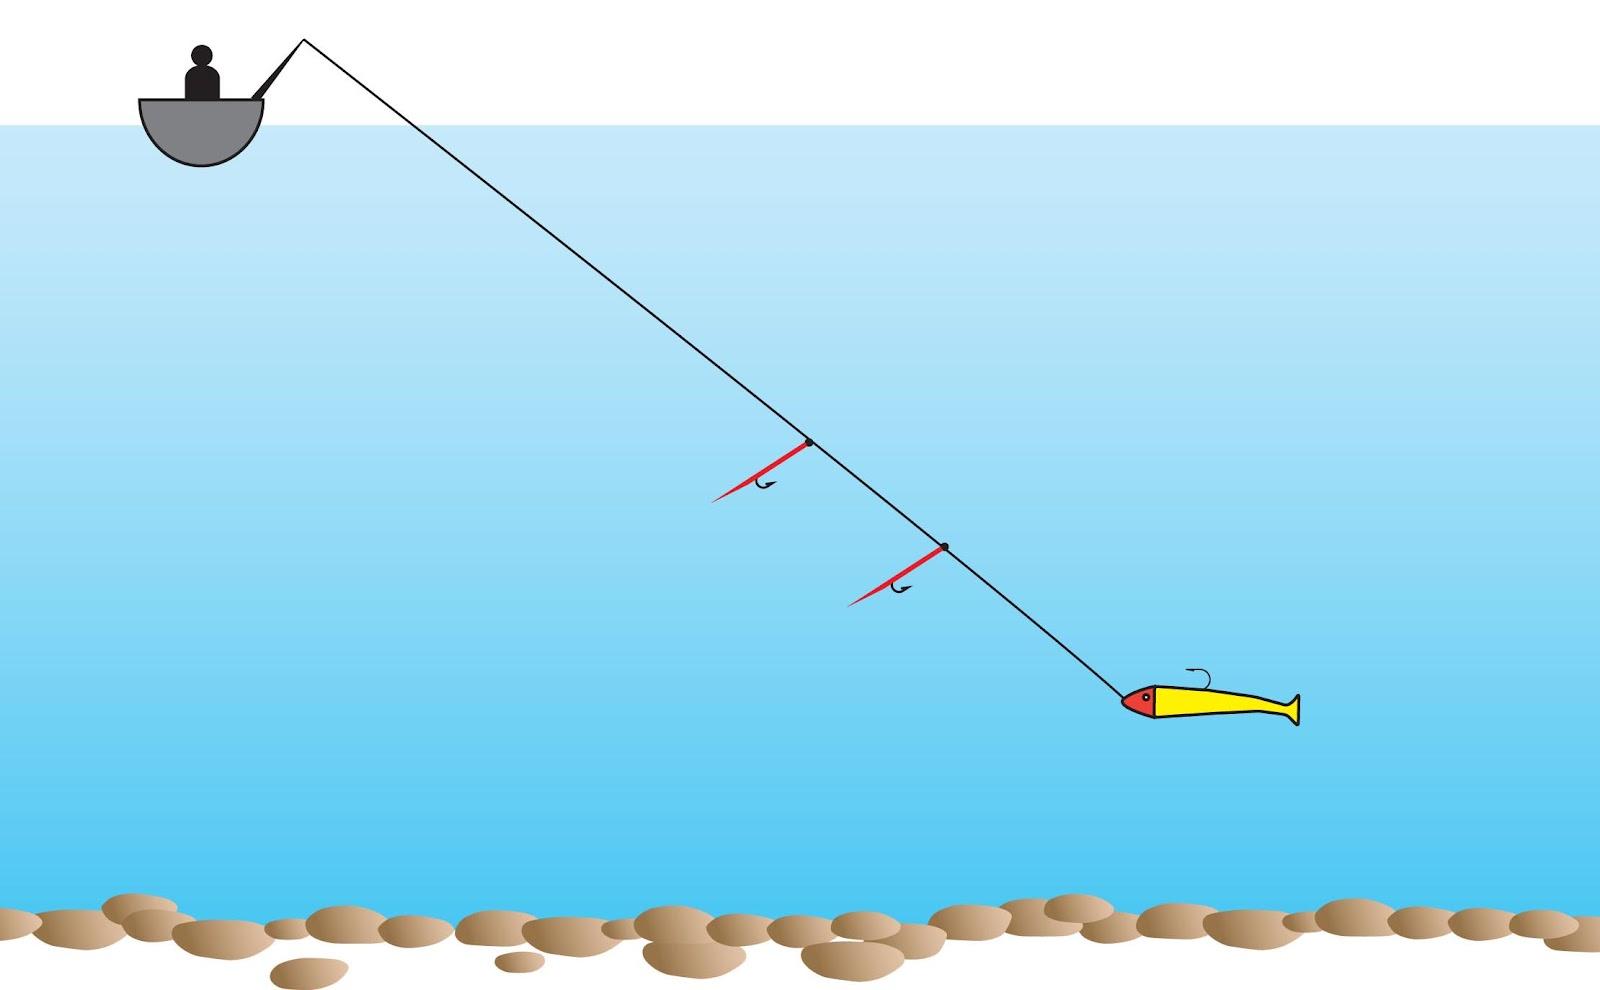 джиговая оснастка на море